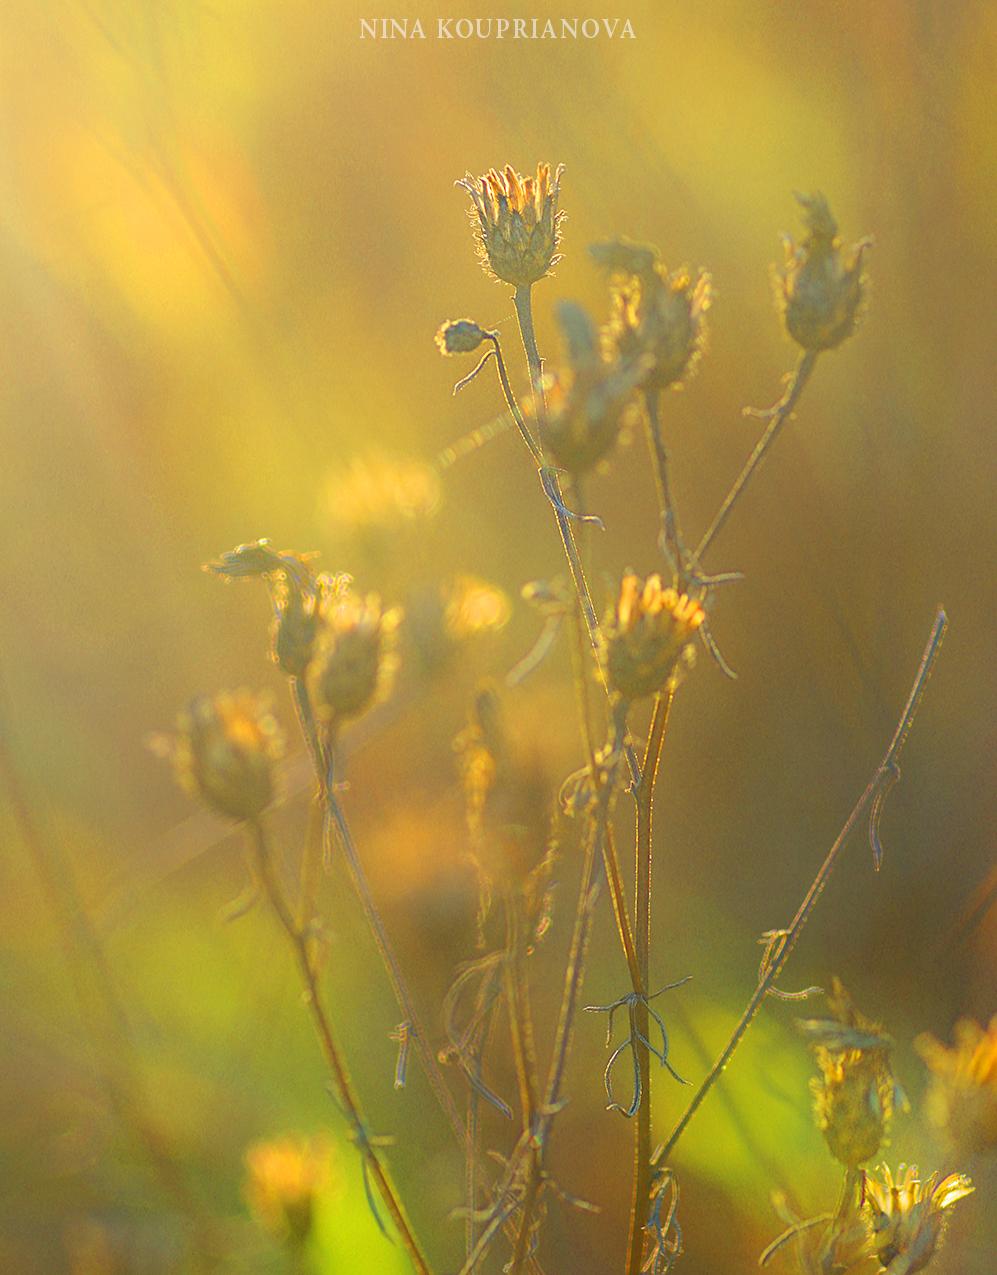 weeds golden hour 1500 px.jpg